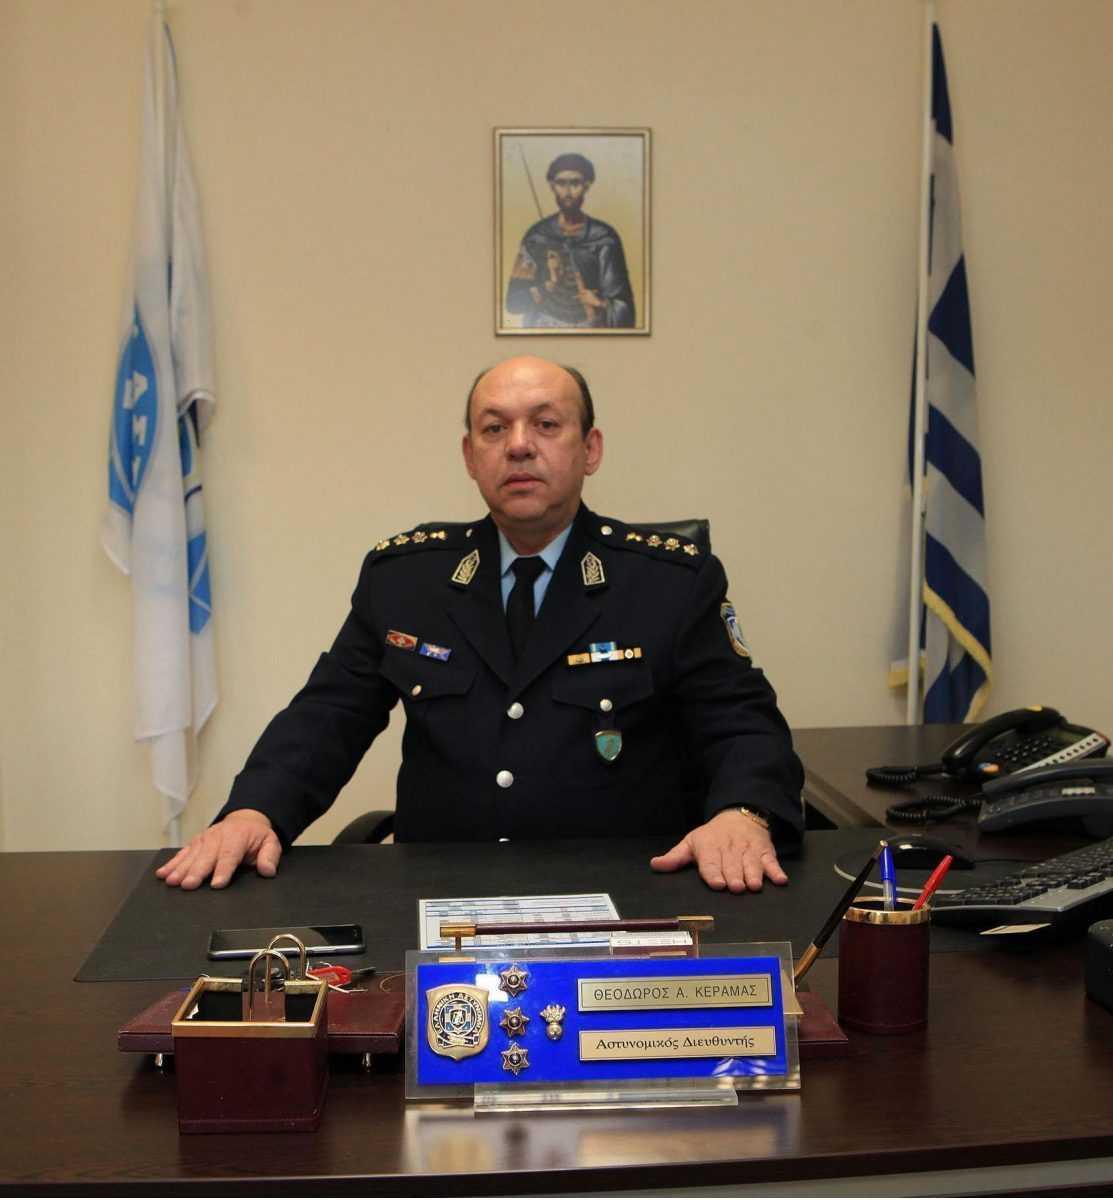 Ανέλαβε και εκτελεί καθήκοντα Διευθυντή Αστυνομίας Κοζάνης, ο Αστυνομικός Διευθυντής  ΚΕΡΑΜΑΣ Θεόδωρος